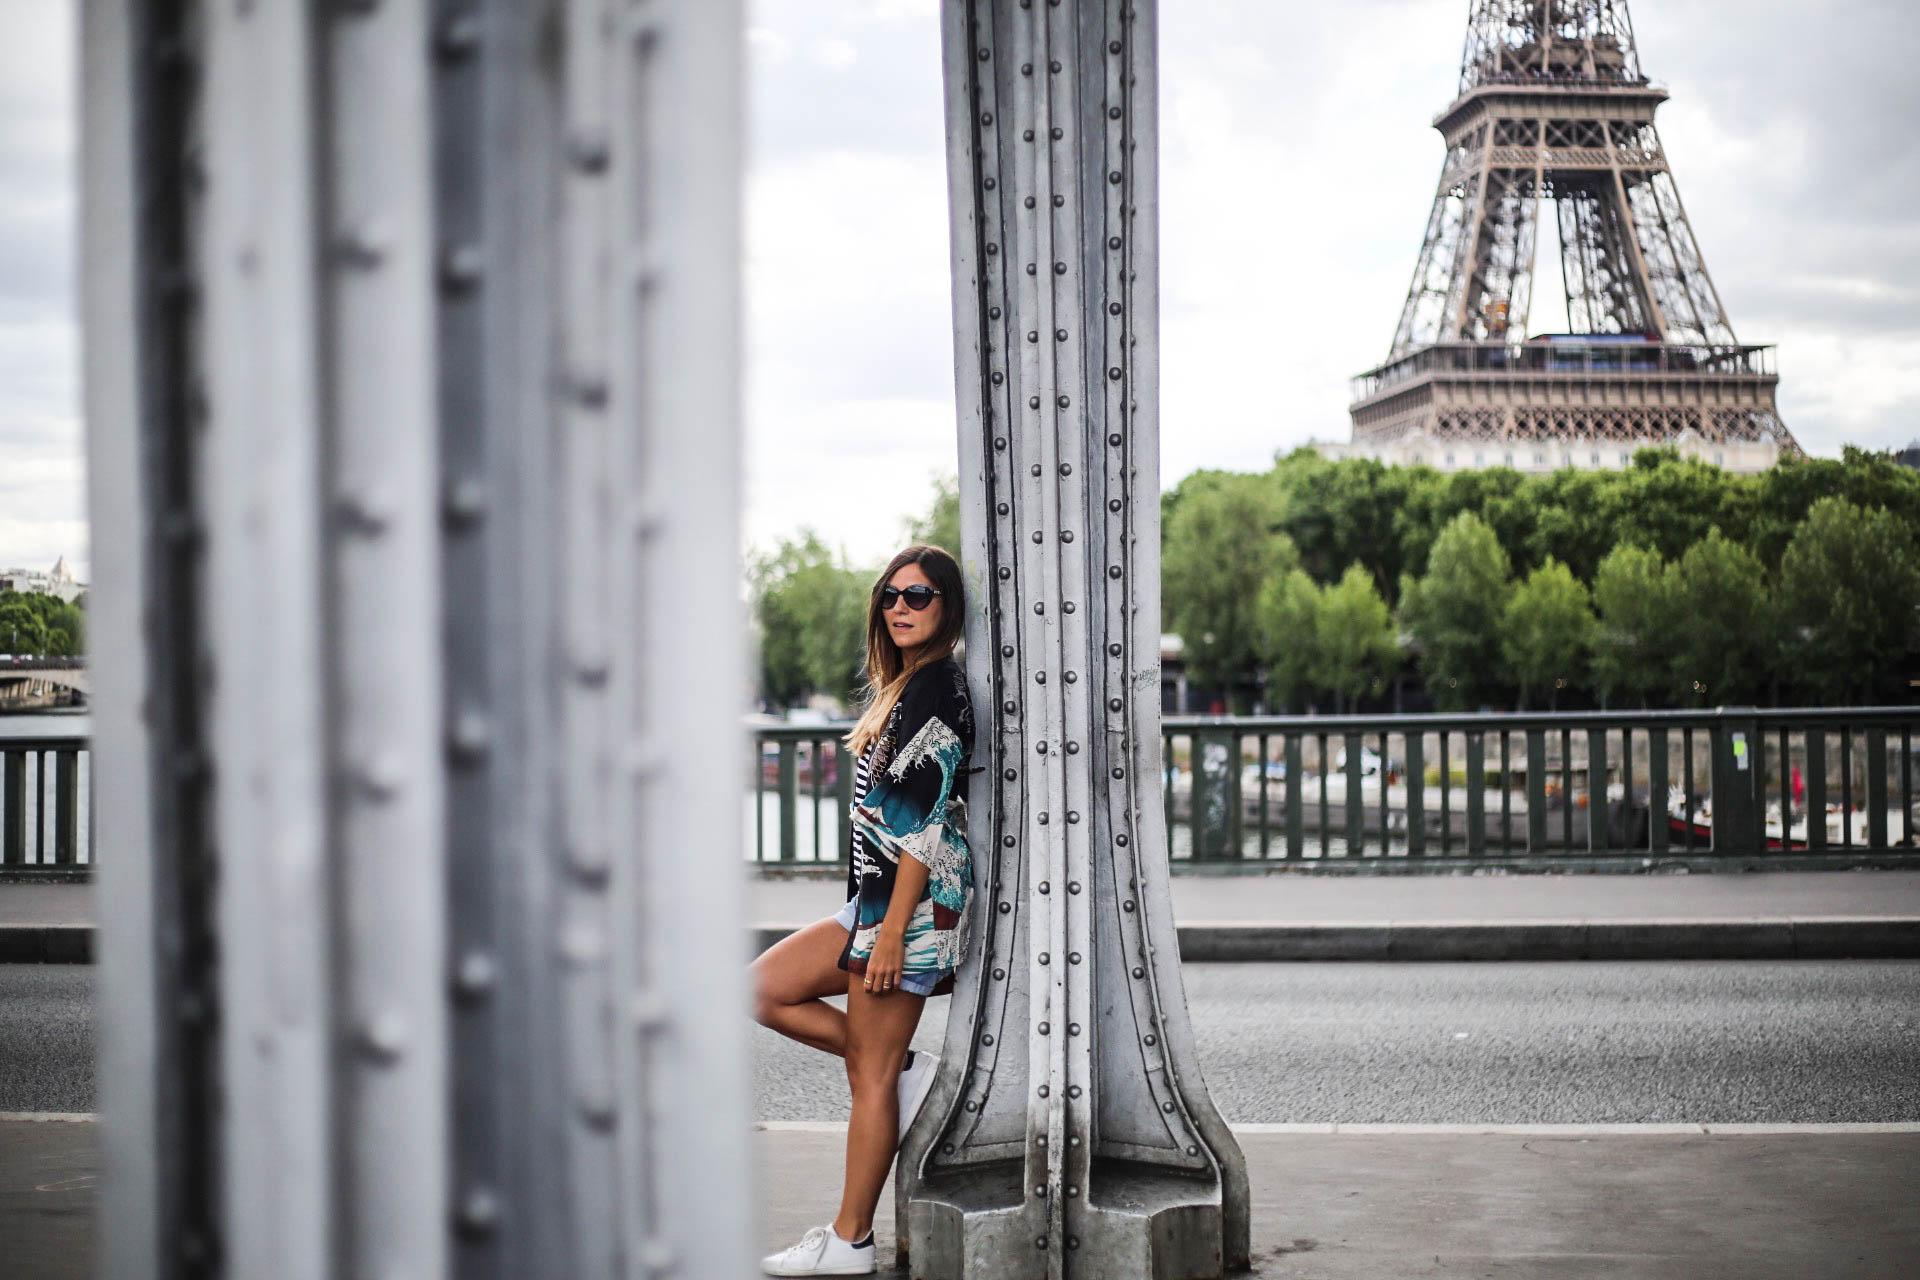 comment porter la tendance kimono cet ete blog mode paris les caprices d iris